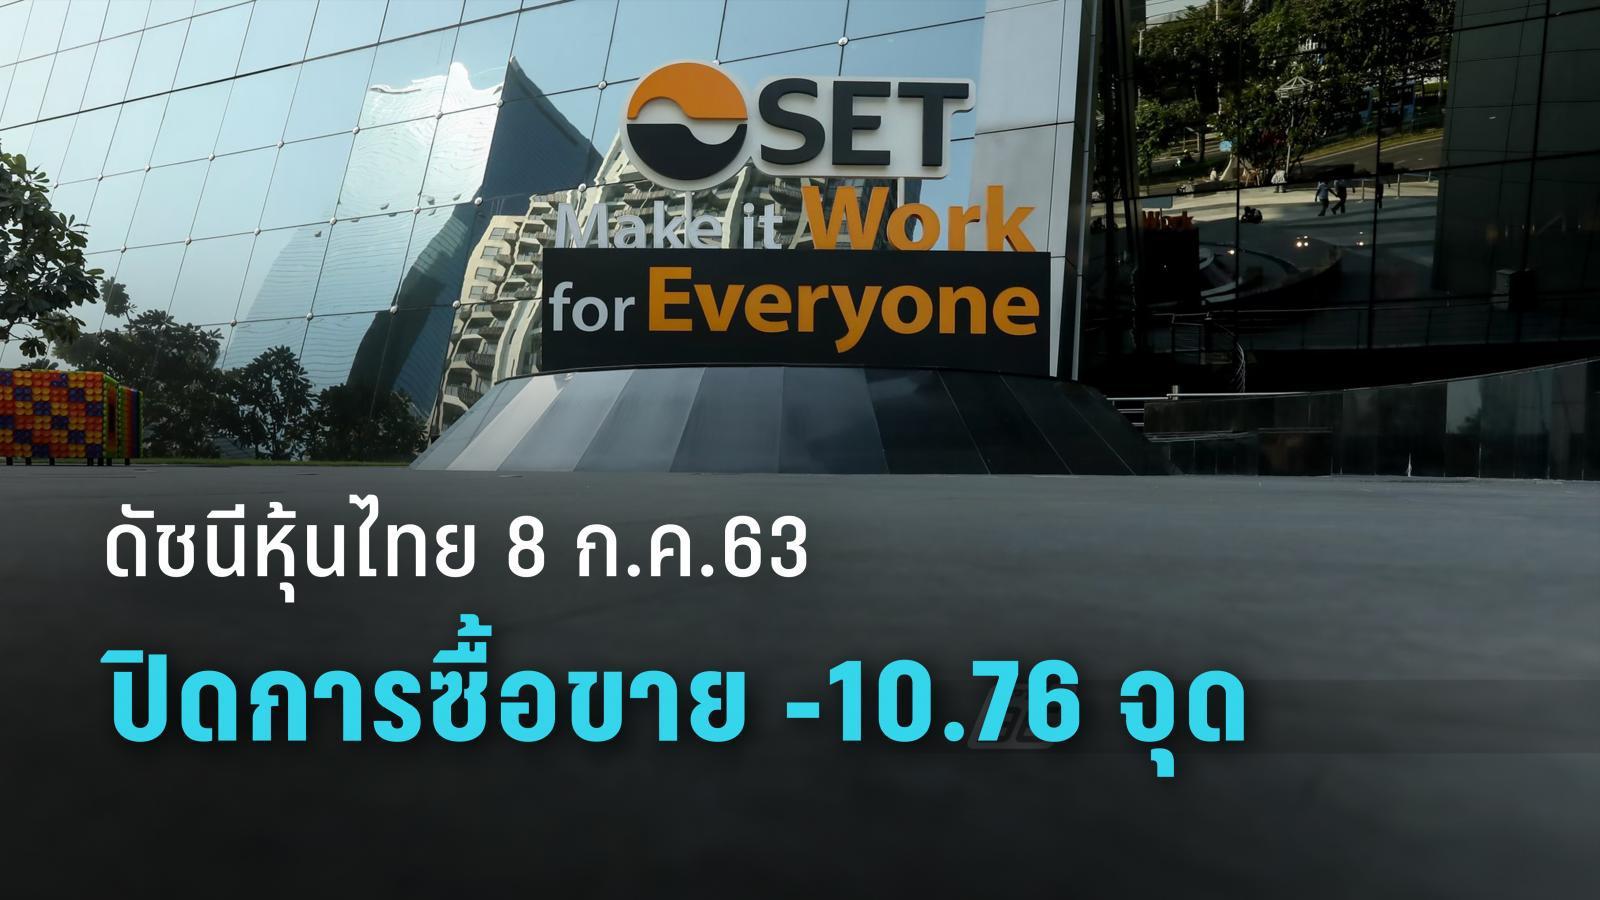 หุ้นไทย (8ก.ค.63) ปิดการซื้อขายภาคเช้าร่วง -10.76 จุด